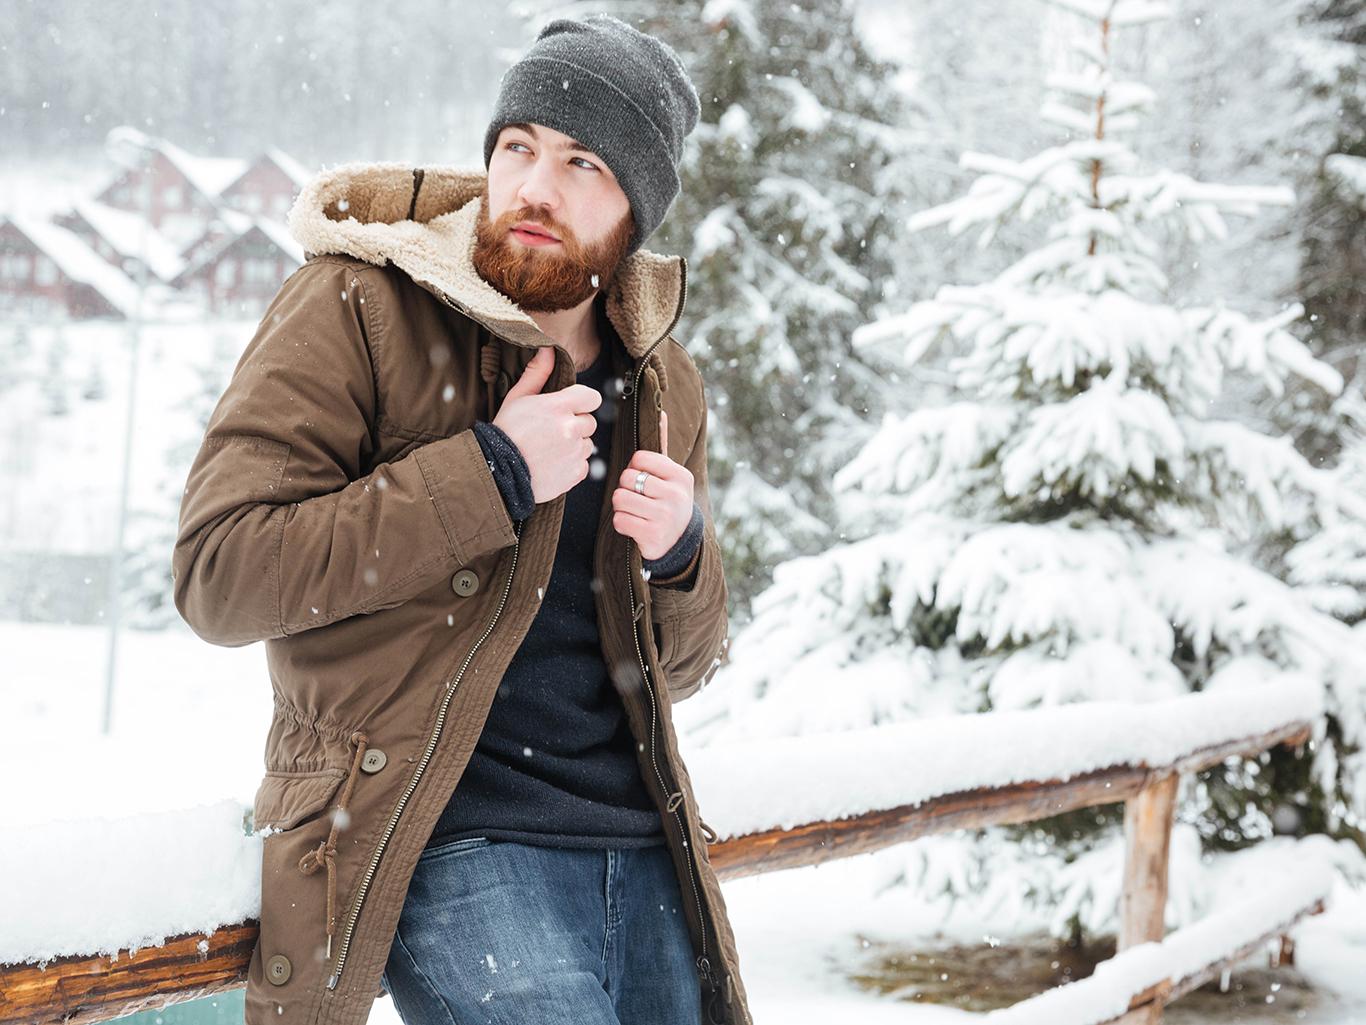 Выжить зимой, не потерять себя и свою бороду: реально ли?